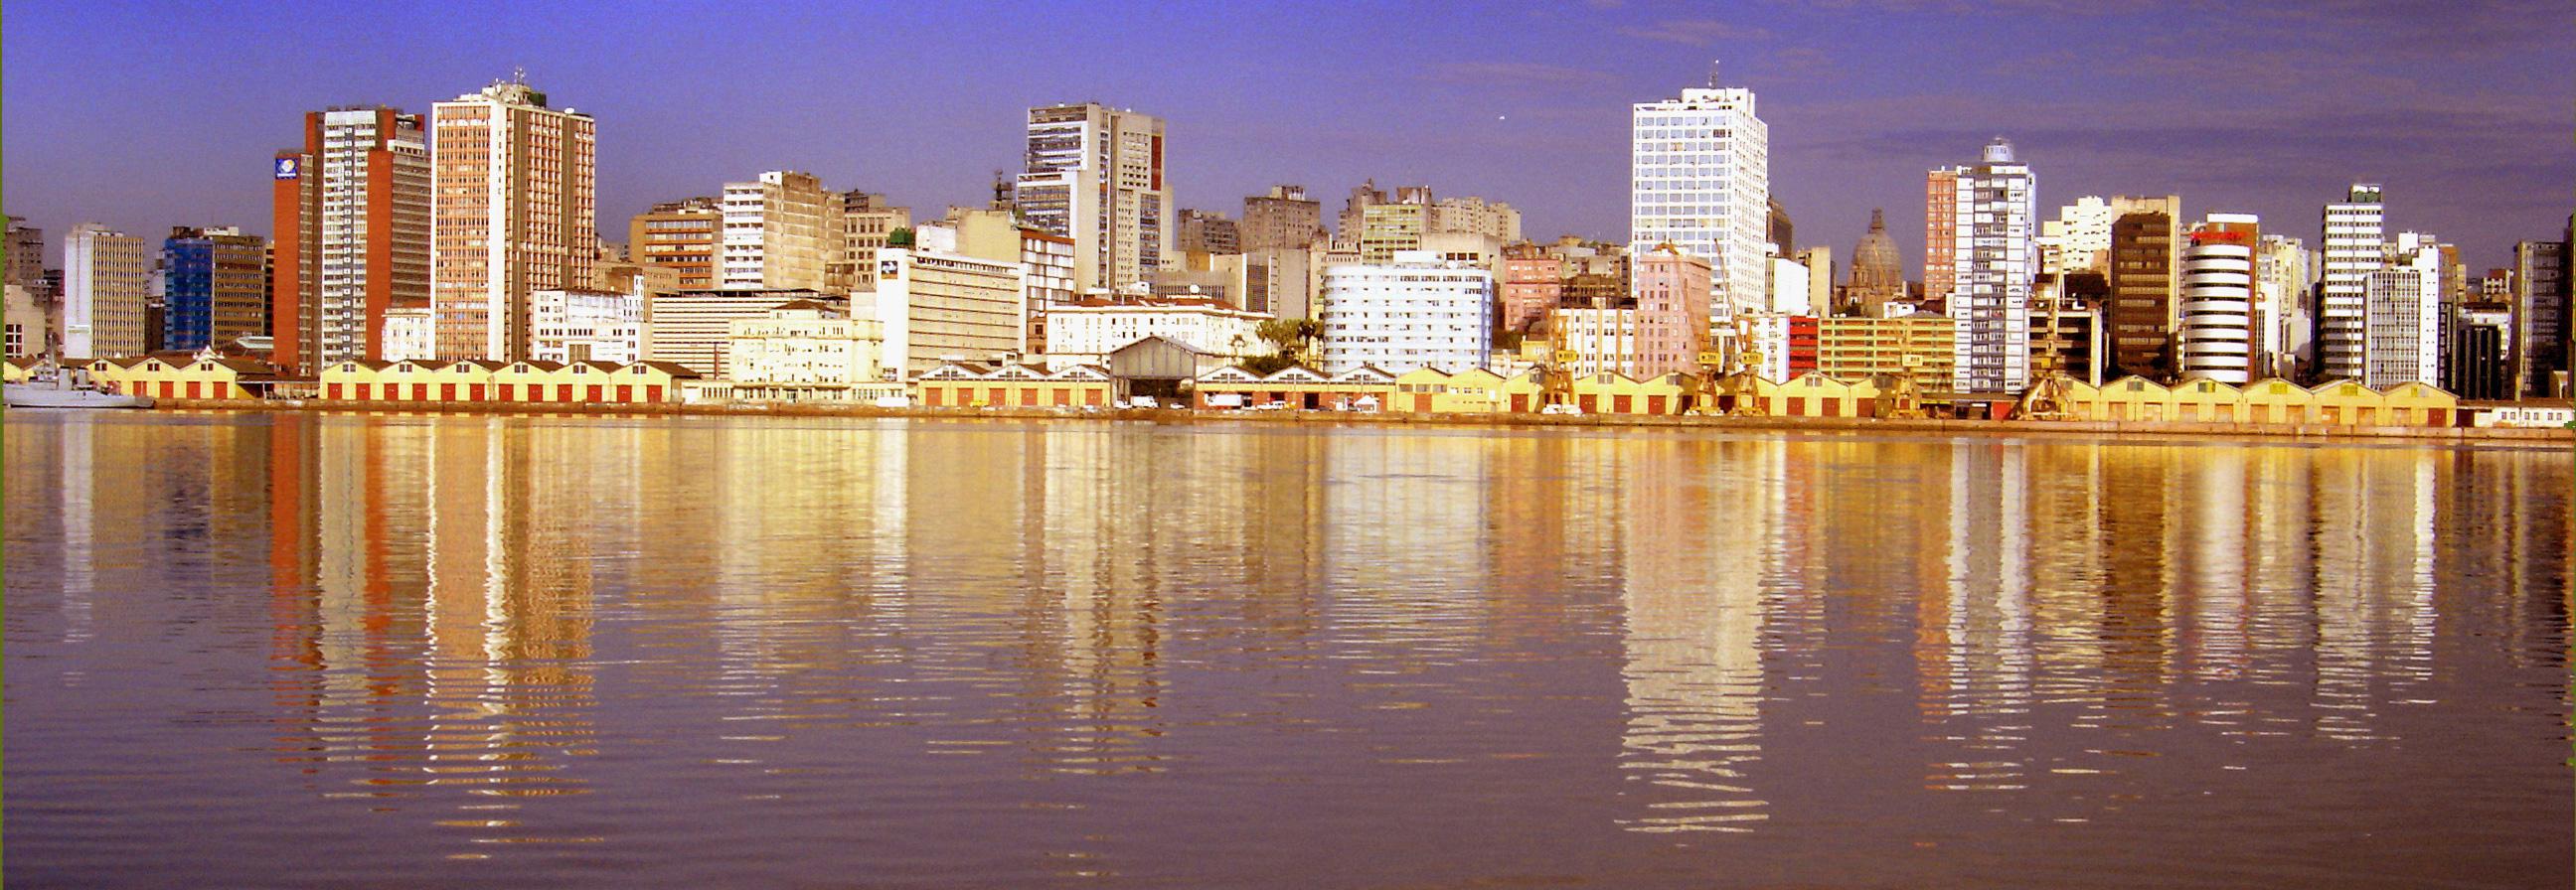 Cais_Mauá_Porto_Alegre_2